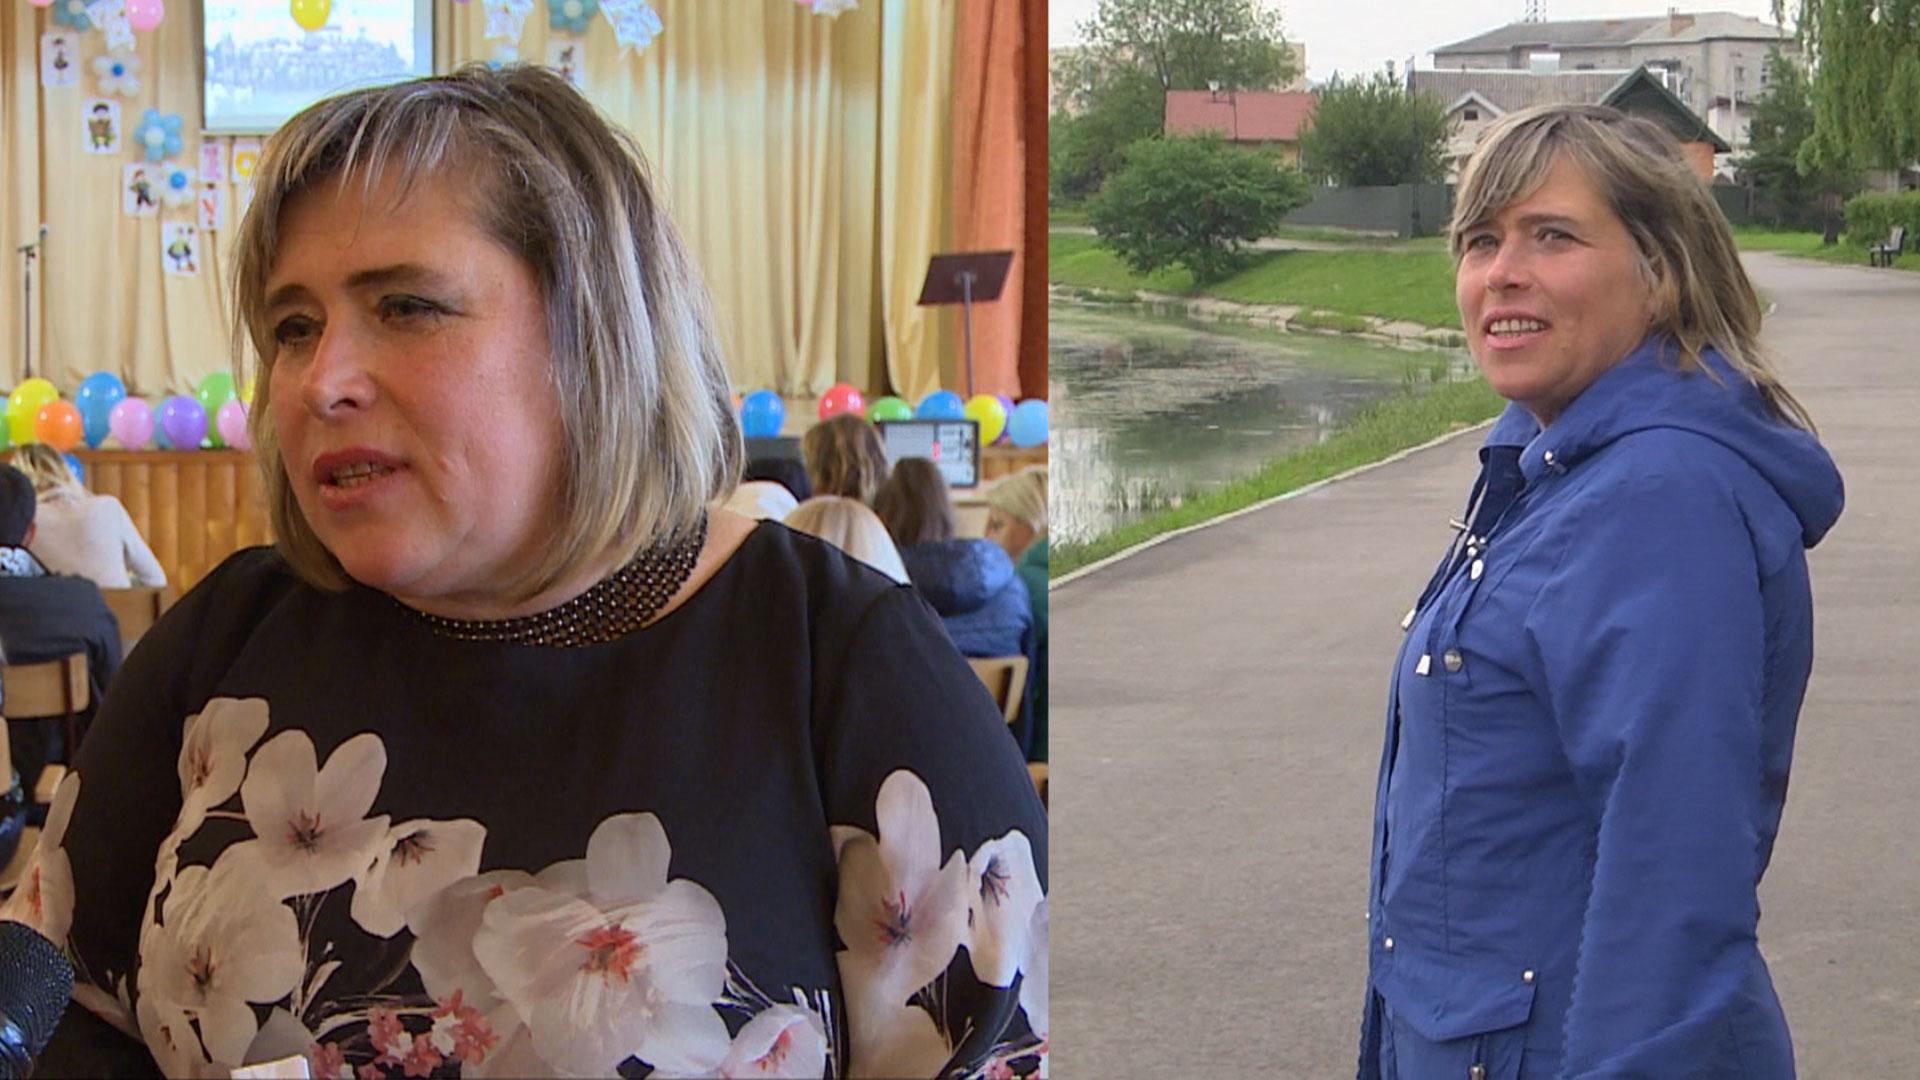 Надихнули учні: як коломийська вчителька схудла на 25 кілограмів (ВІДЕО)